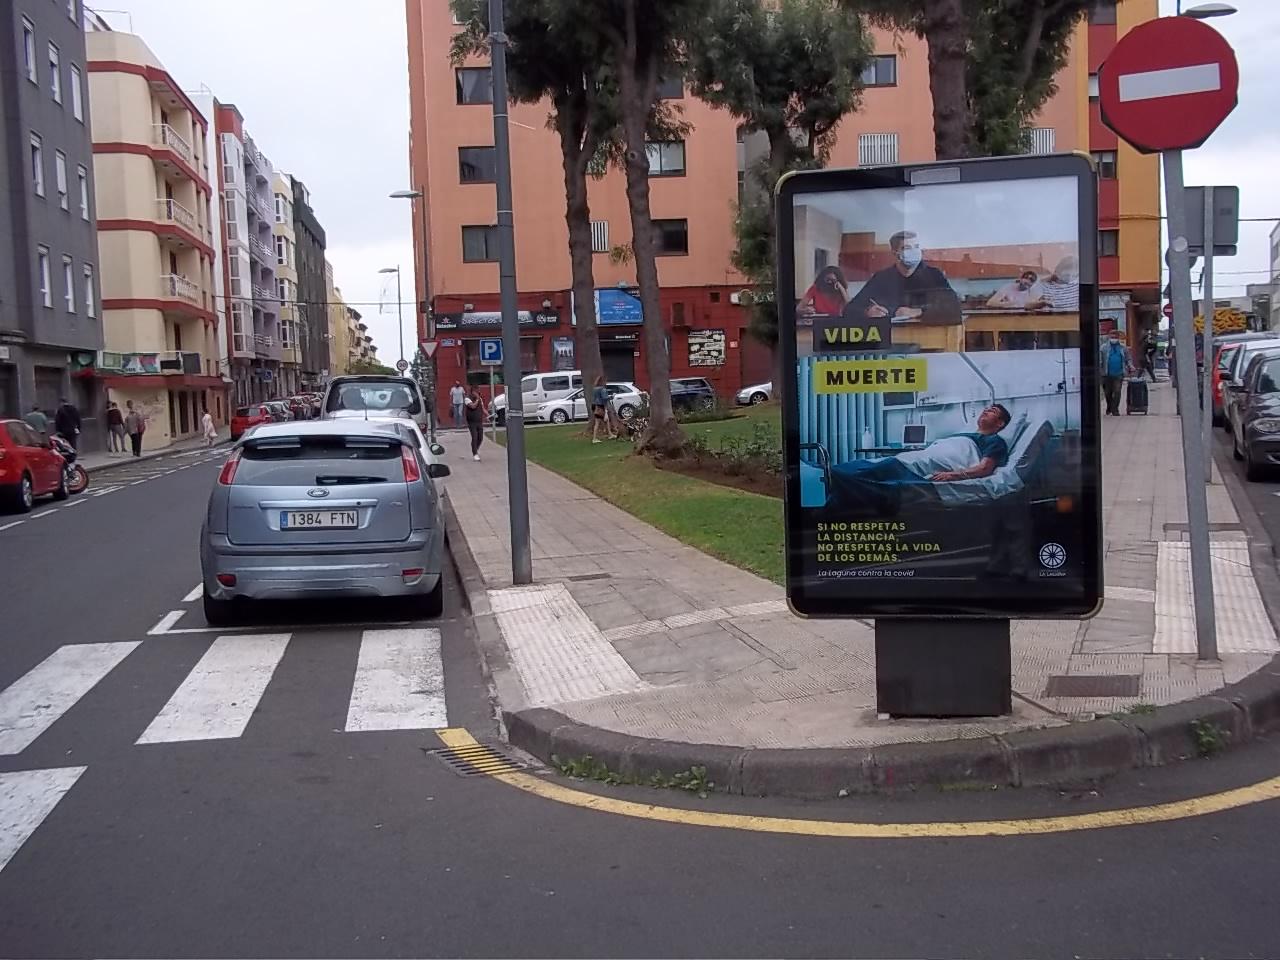 Campaña de concienciación para prevenir los contagios por covid-19 / CanariasNoticias.es